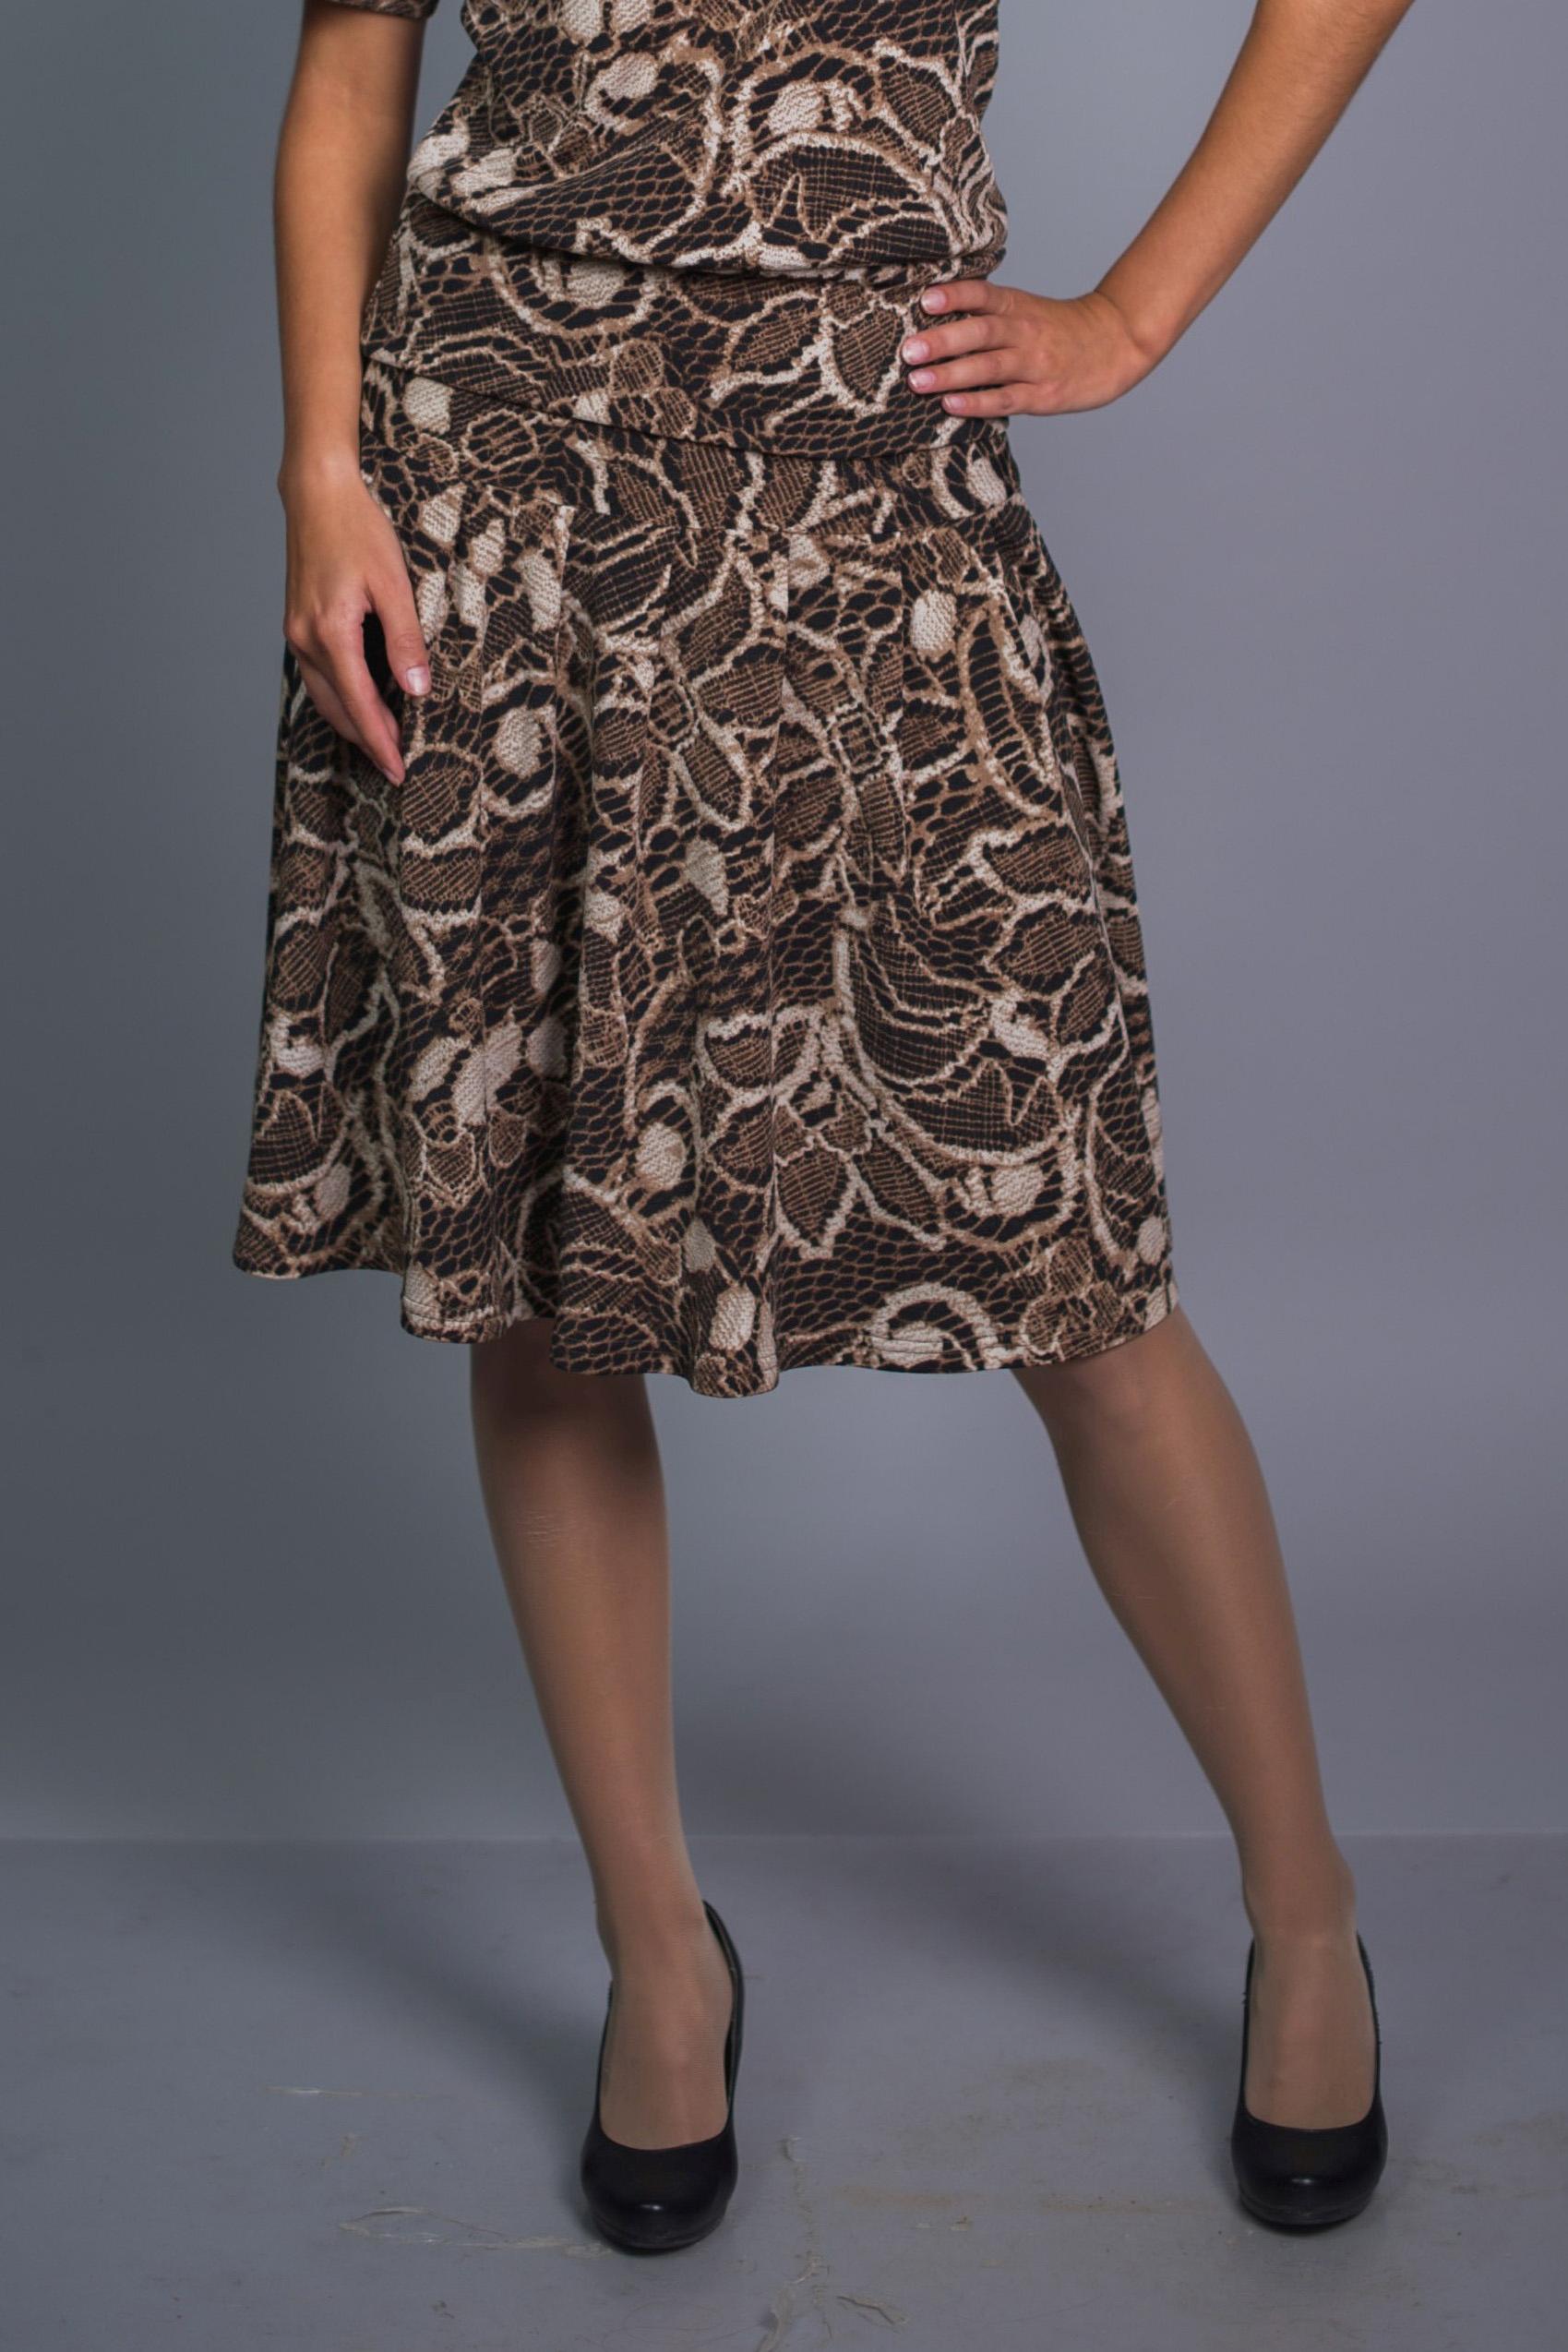 ЮбкаЮбки<br>Удобная юбка трапециевидного силуэта. Модель выполнена из приятного материала. Отличный выбор для повседневного гардероба.   В изделии использованы цвета: бежевый, коричневый  Ростовка изделия 170 см.<br><br>По длине: Ниже колена<br>По материалу: Вискоза,Трикотаж<br>По рисунку: Растительные мотивы,С принтом,Цветные,Цветочные<br>По силуэту: Полуприталенные<br>По стилю: Повседневный стиль<br>По форме: Юбка-трапеция<br>По сезону: Осень,Весна<br>Размер : 44,46,48<br>Материал: Трикотаж<br>Количество в наличии: 3